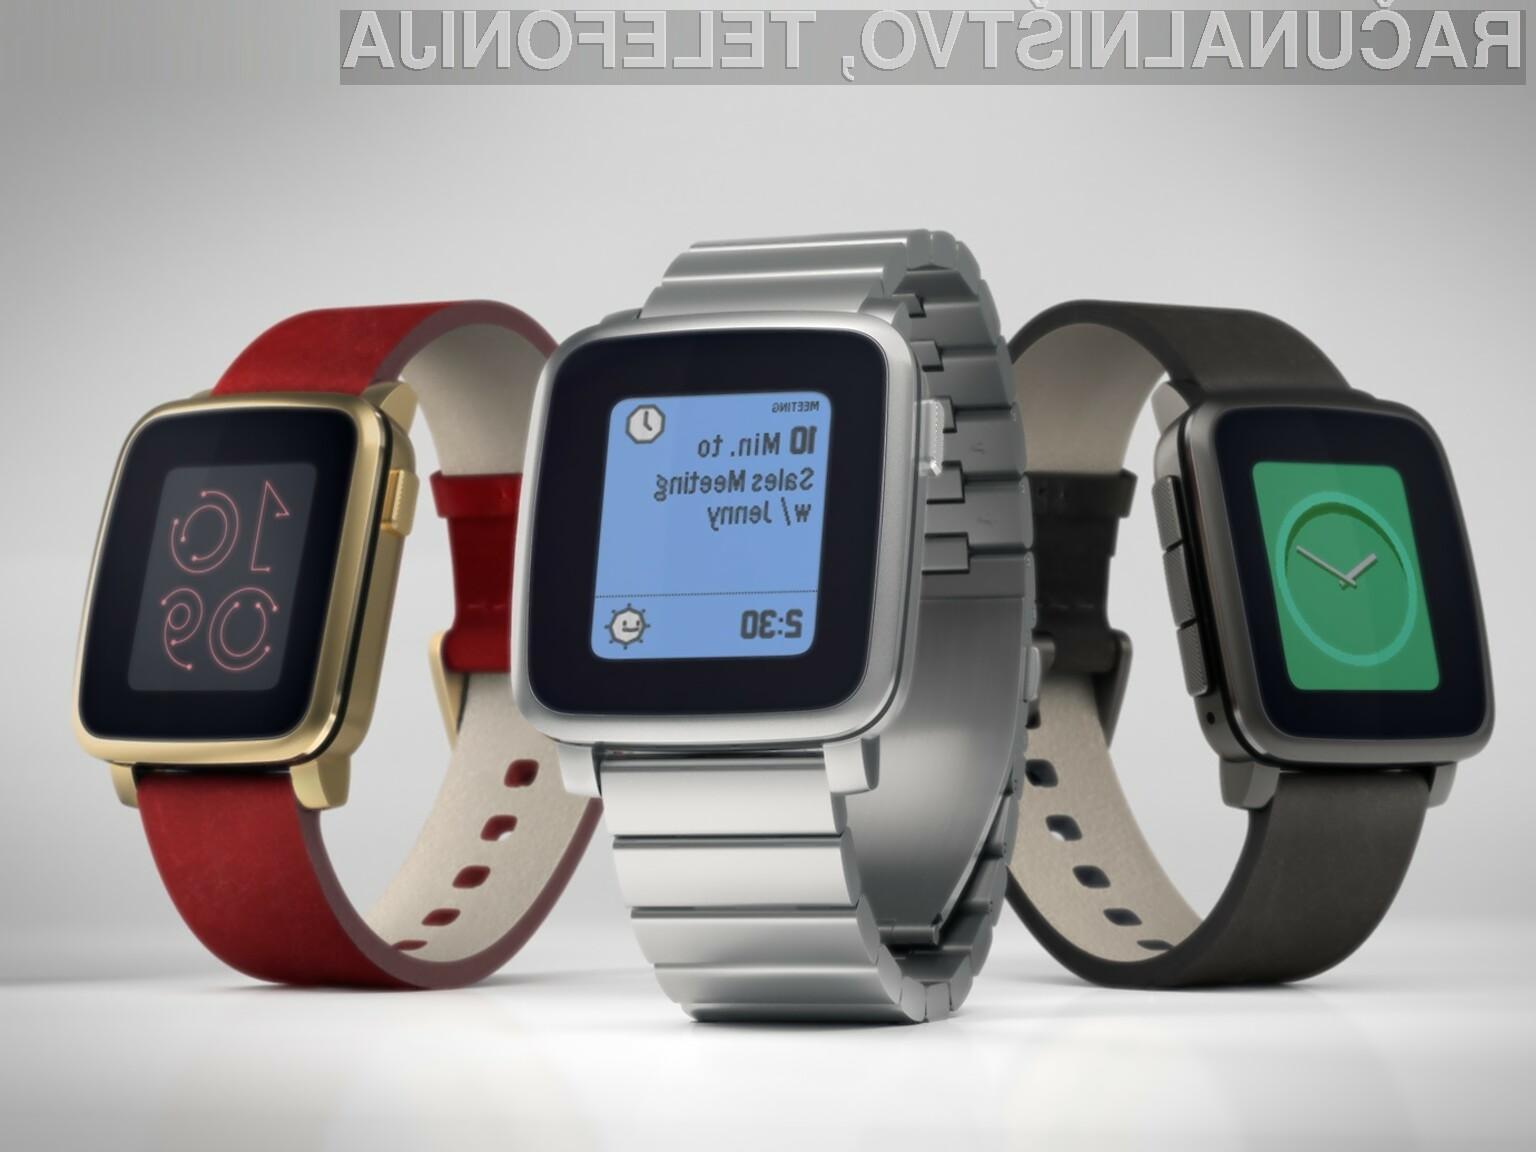 Pametna ročna ura Pebble Time je takoj prepričala uporabnike spletnega portala Kickstarter.